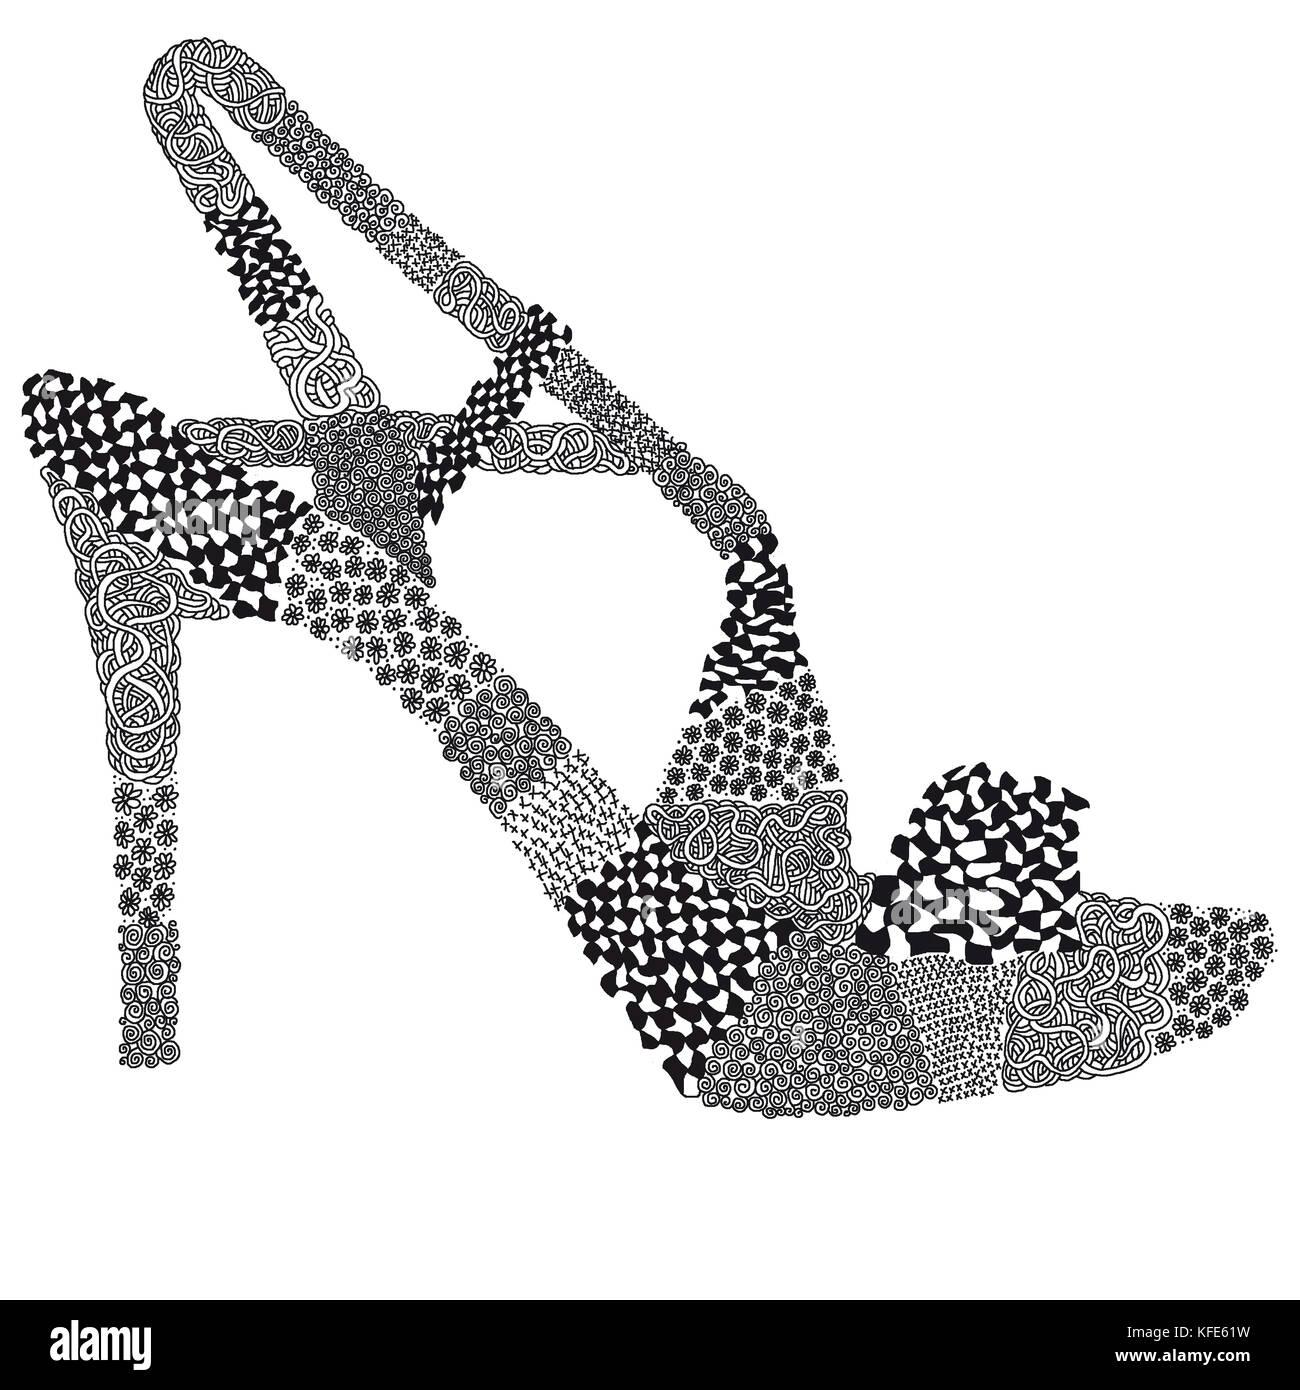 Sandale, Sandalette Damenschuh in Zentangel Textur Muster - Stock Image